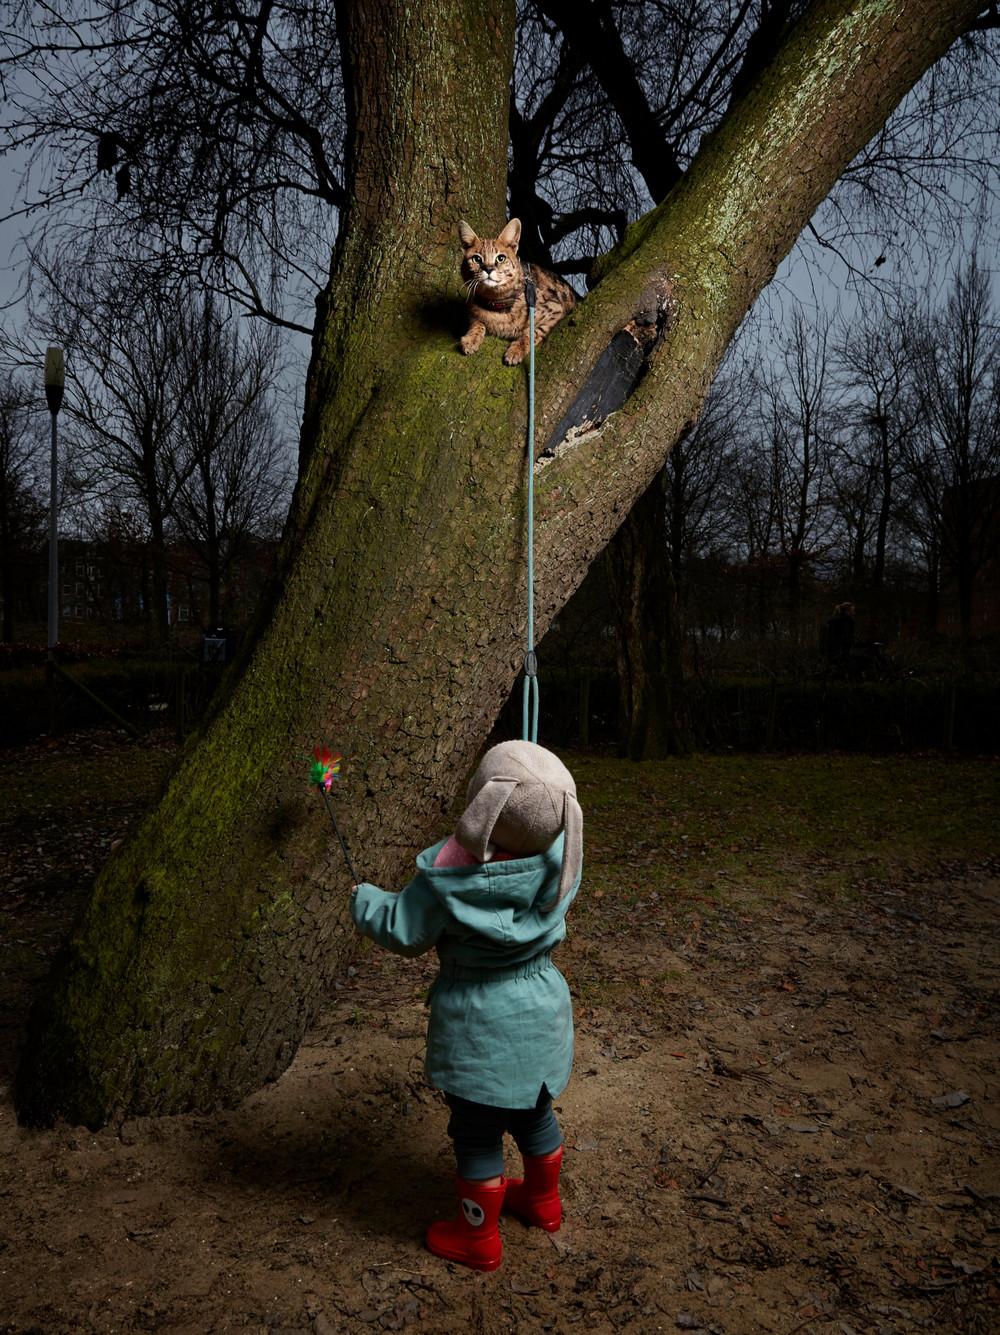 portrety-amsterdamskih-domashnih-zhivotnyh-Fotograf-Izabella-Rozendal_10